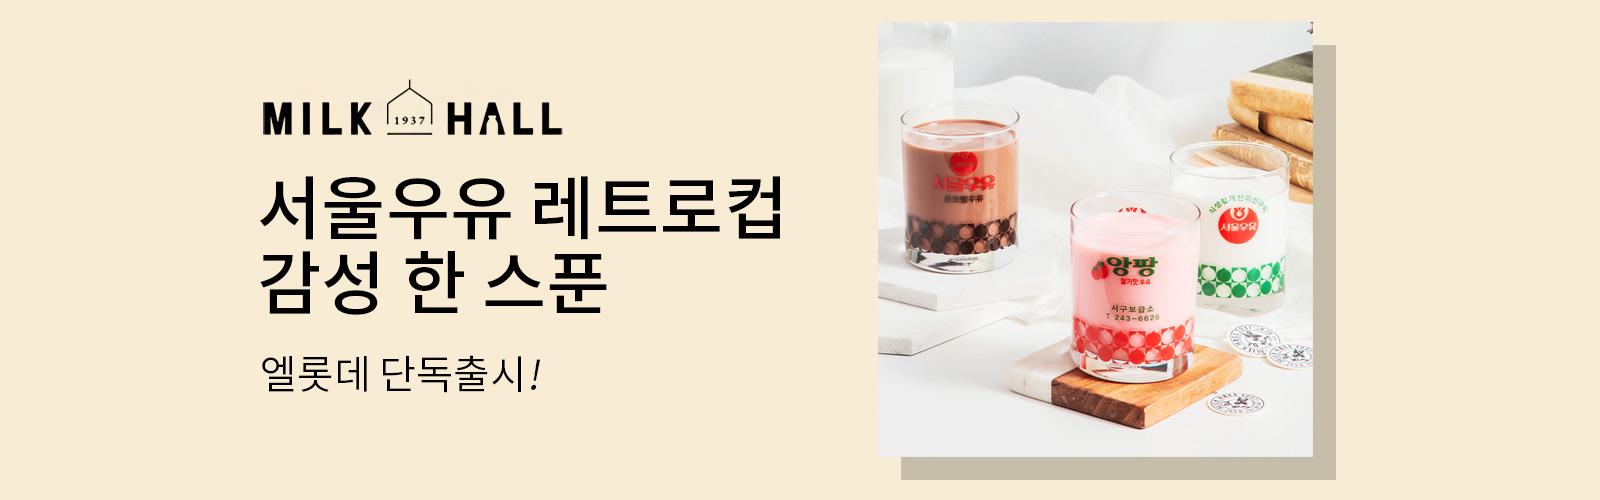 밀크홀 서울우유 레트로컵 감성 한 스푼 엘롯데 단독출시!